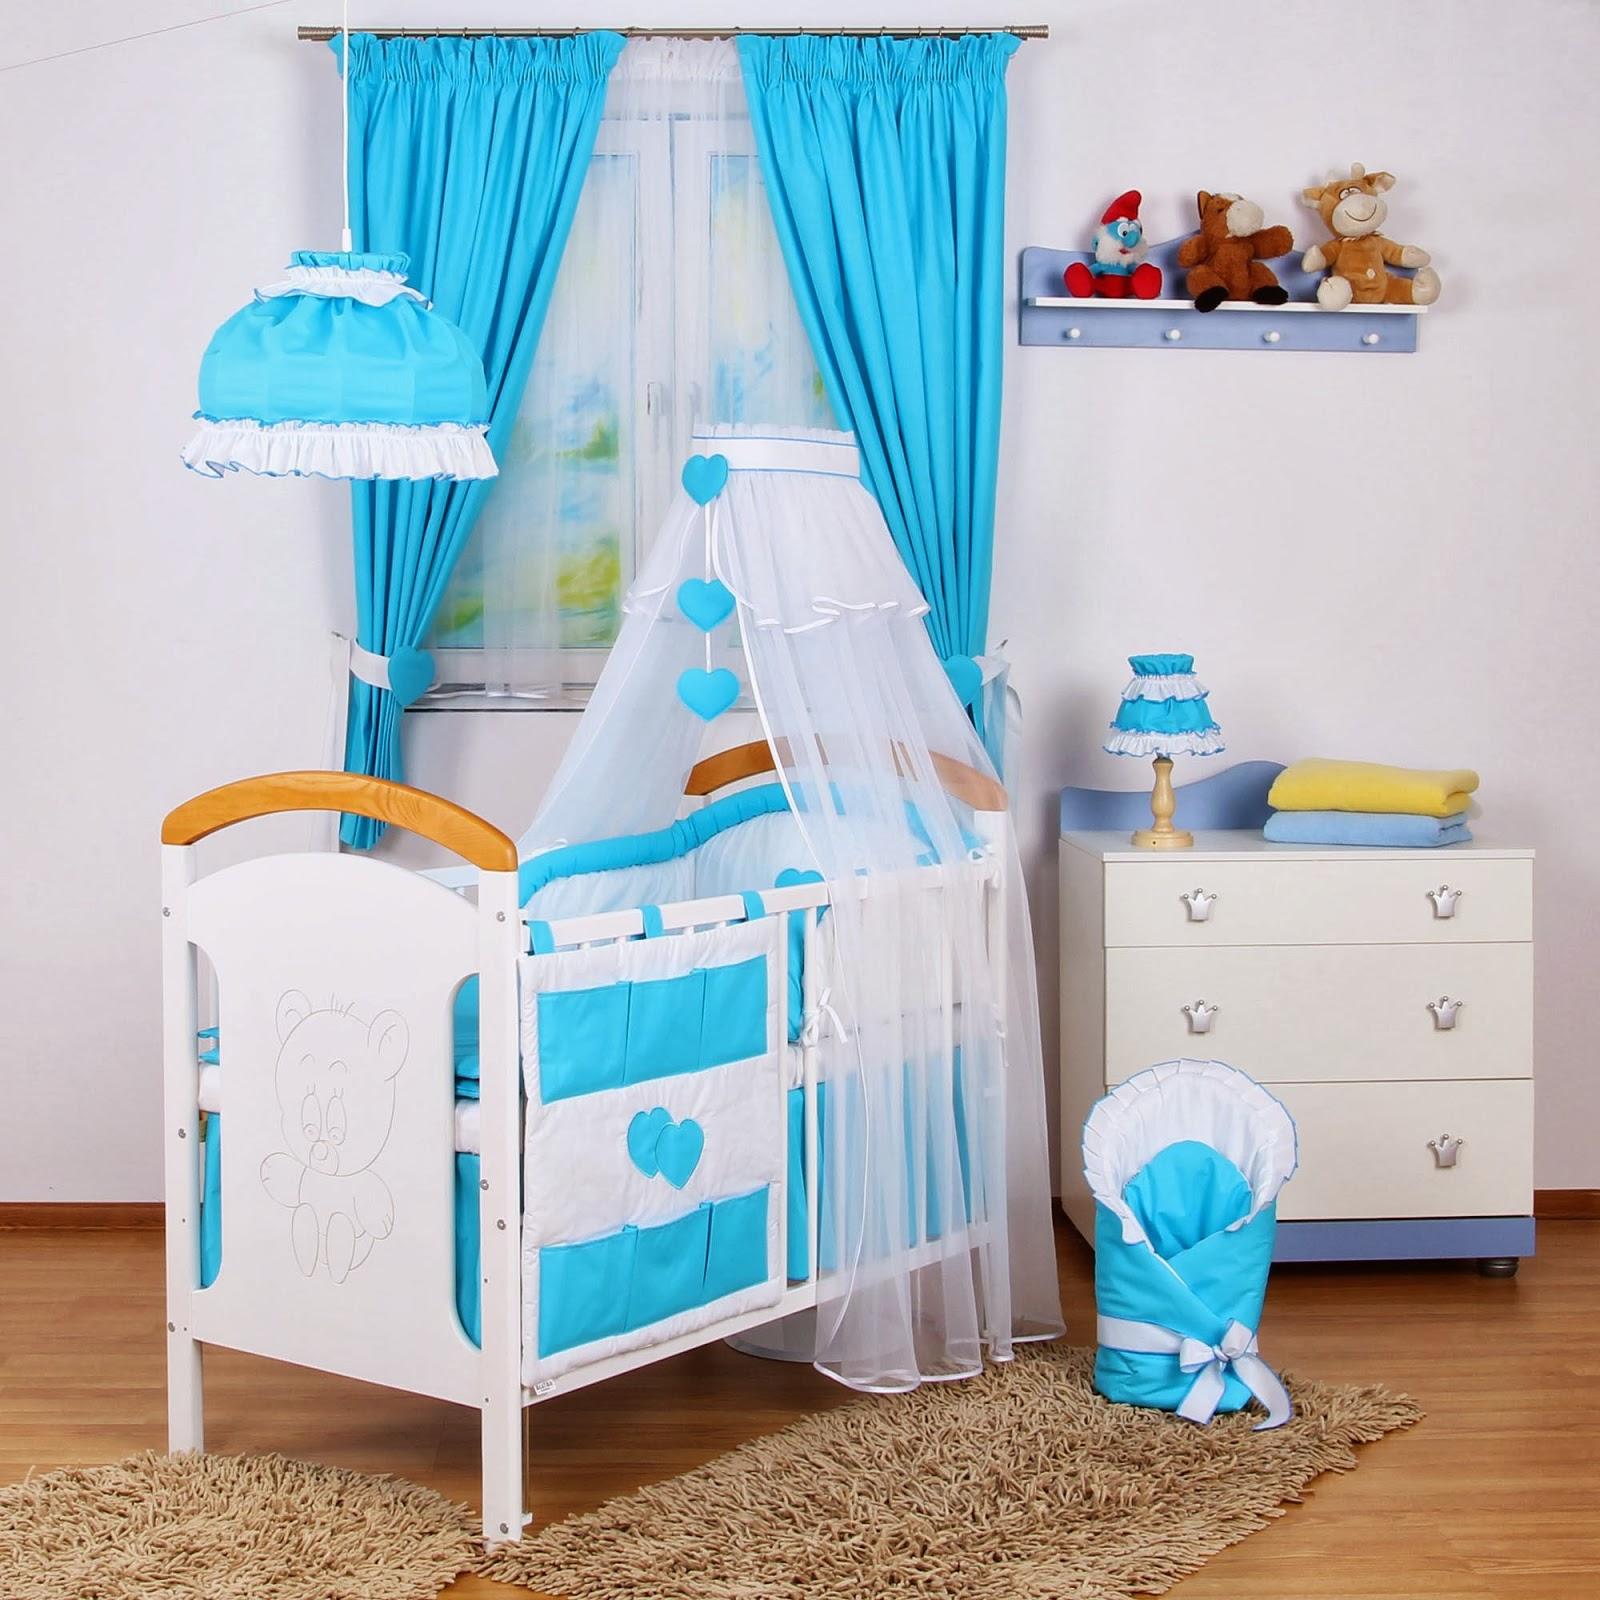 Dormitorios para beb en blanco y turquesa ideas para decorar dormitorios - Dormitorio para bebe ...